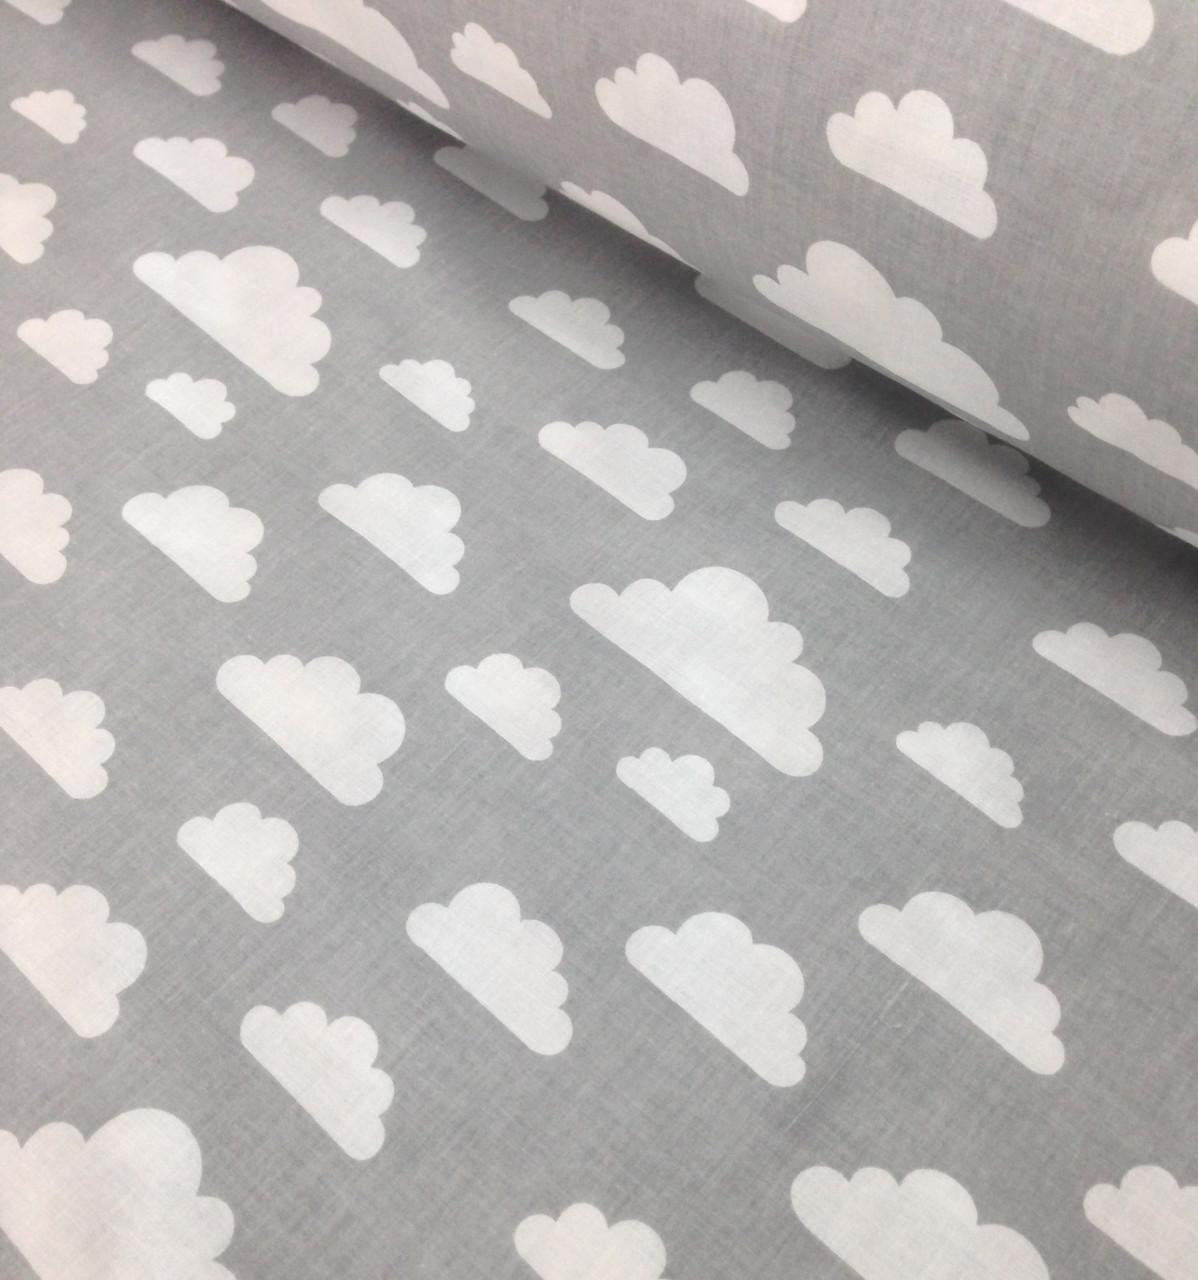 Хлопковая ткань польская облака белые большие и маленькие на сером